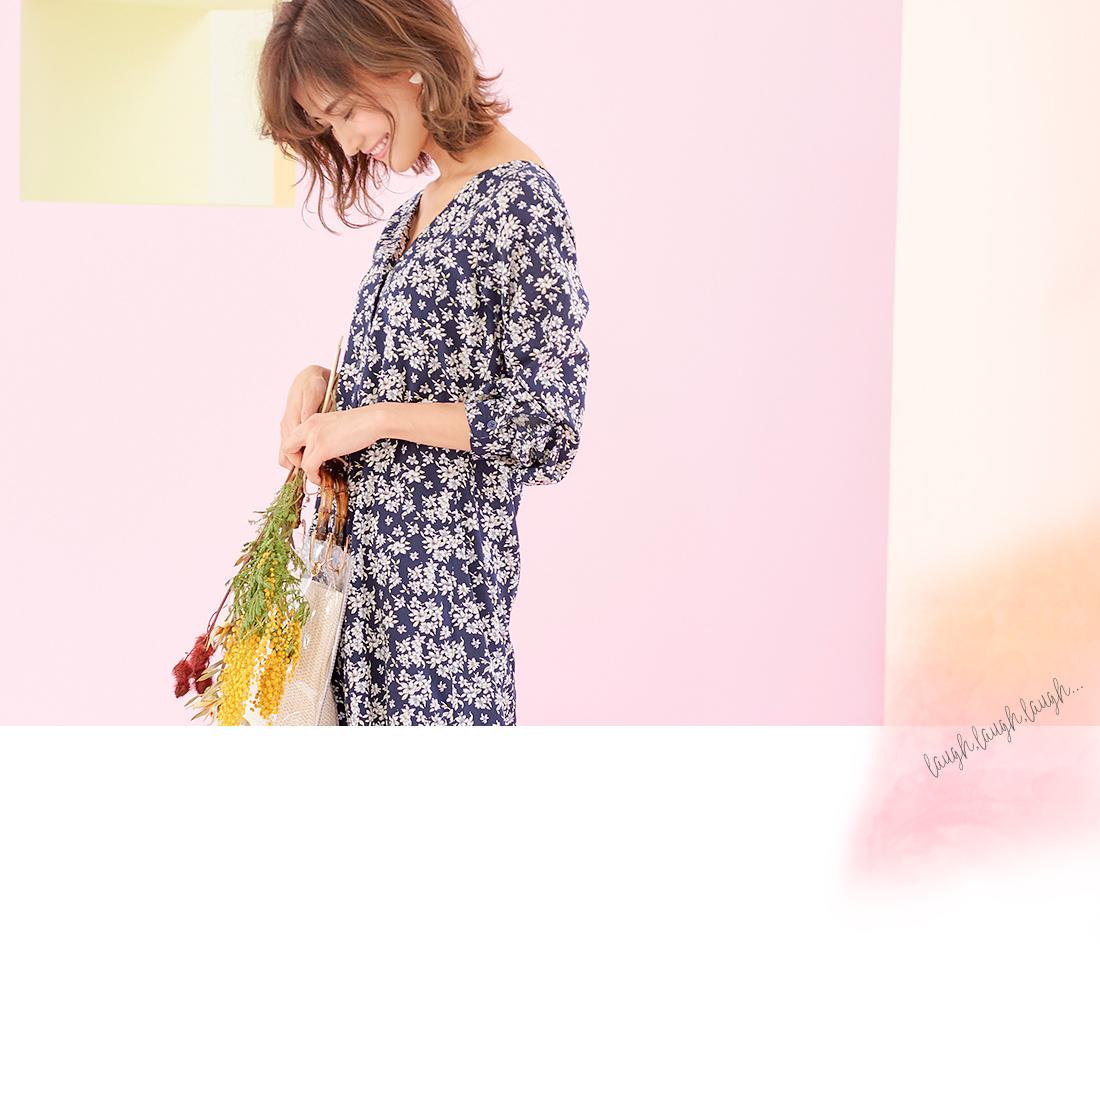 デニムジャケットと花柄スカートを着た女性